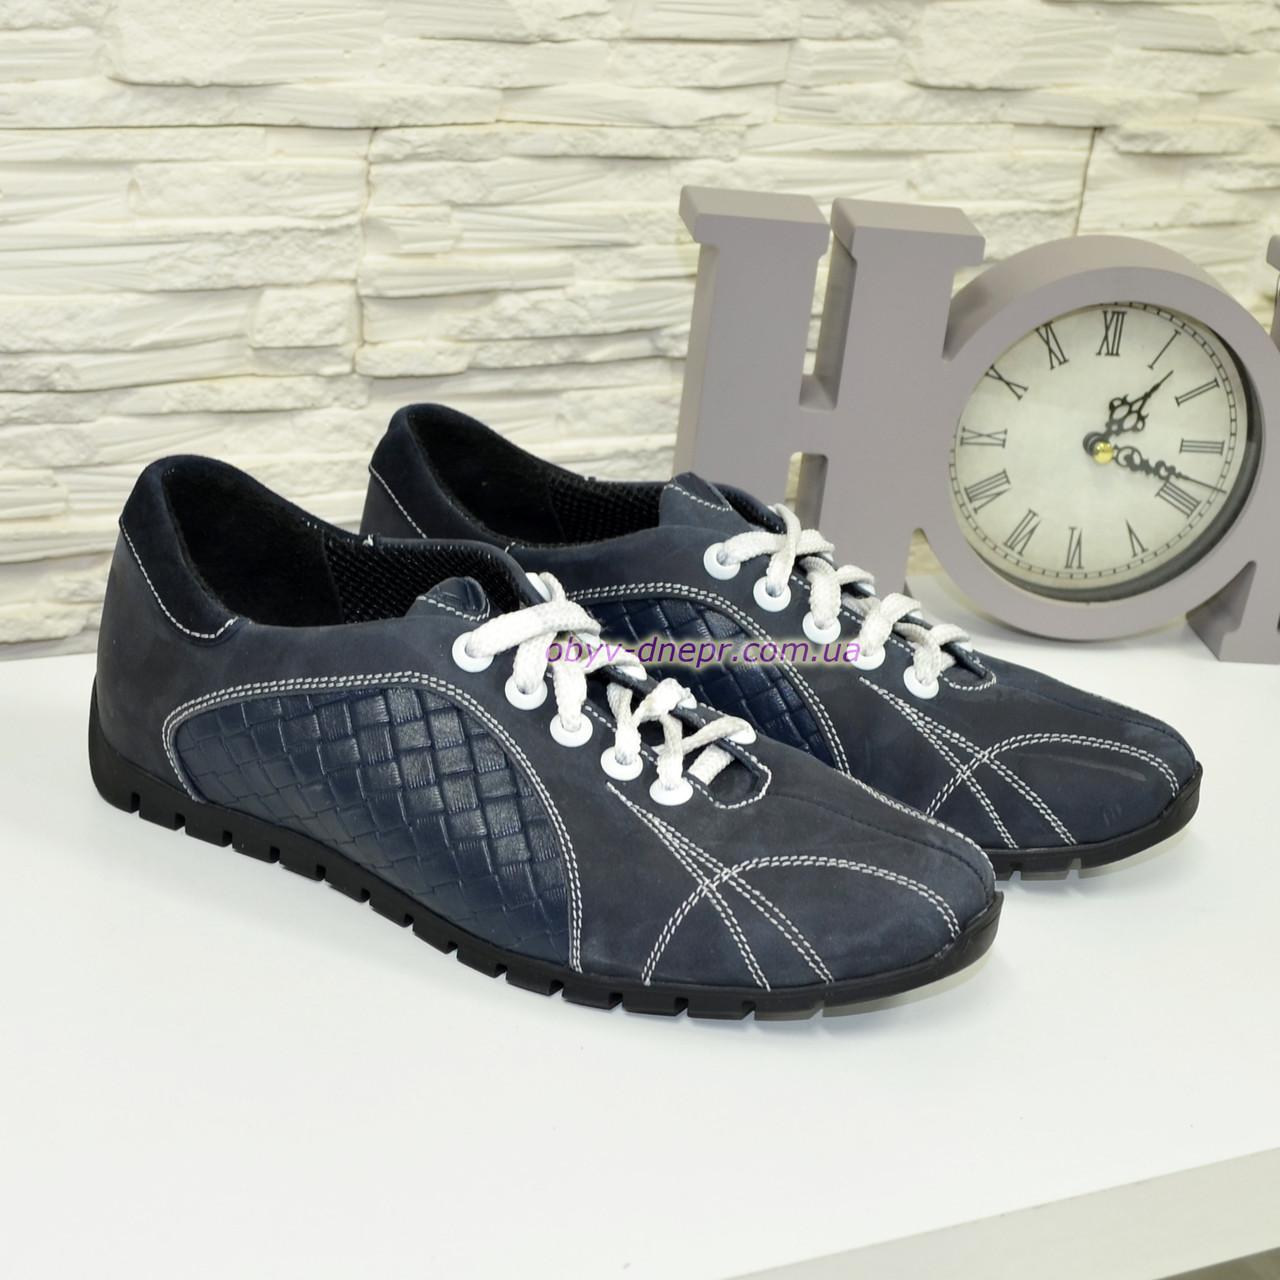 Туфли-кроссовки мужские комфортные, из натуральной кожи нубук, цвет синий